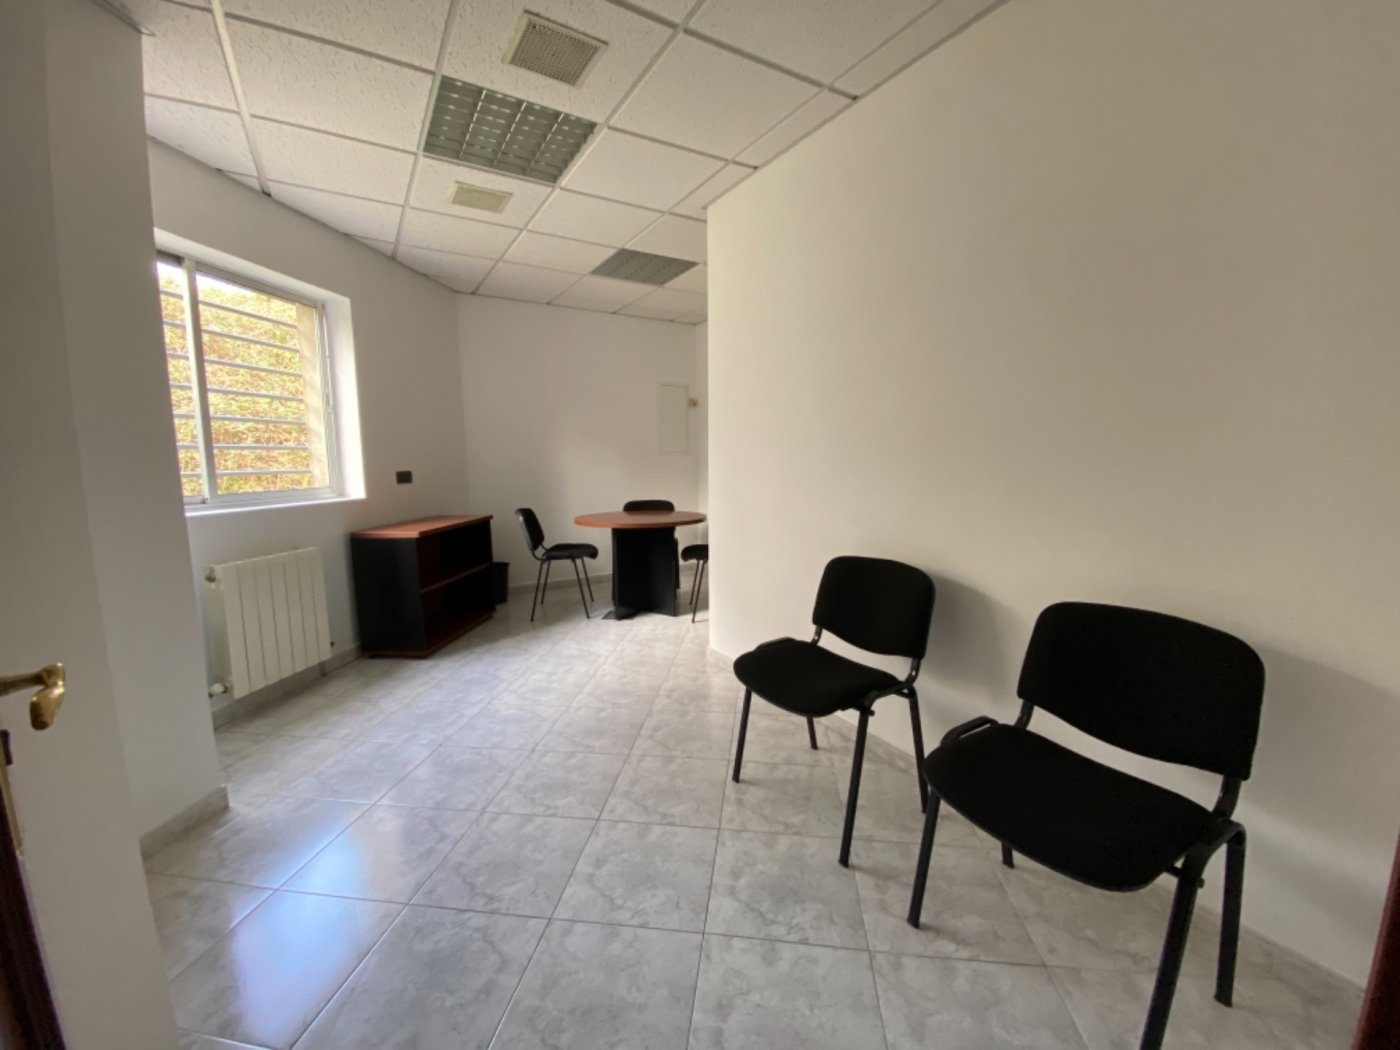 Nave con terreno y oficinas en falmuria - imagenInmueble12